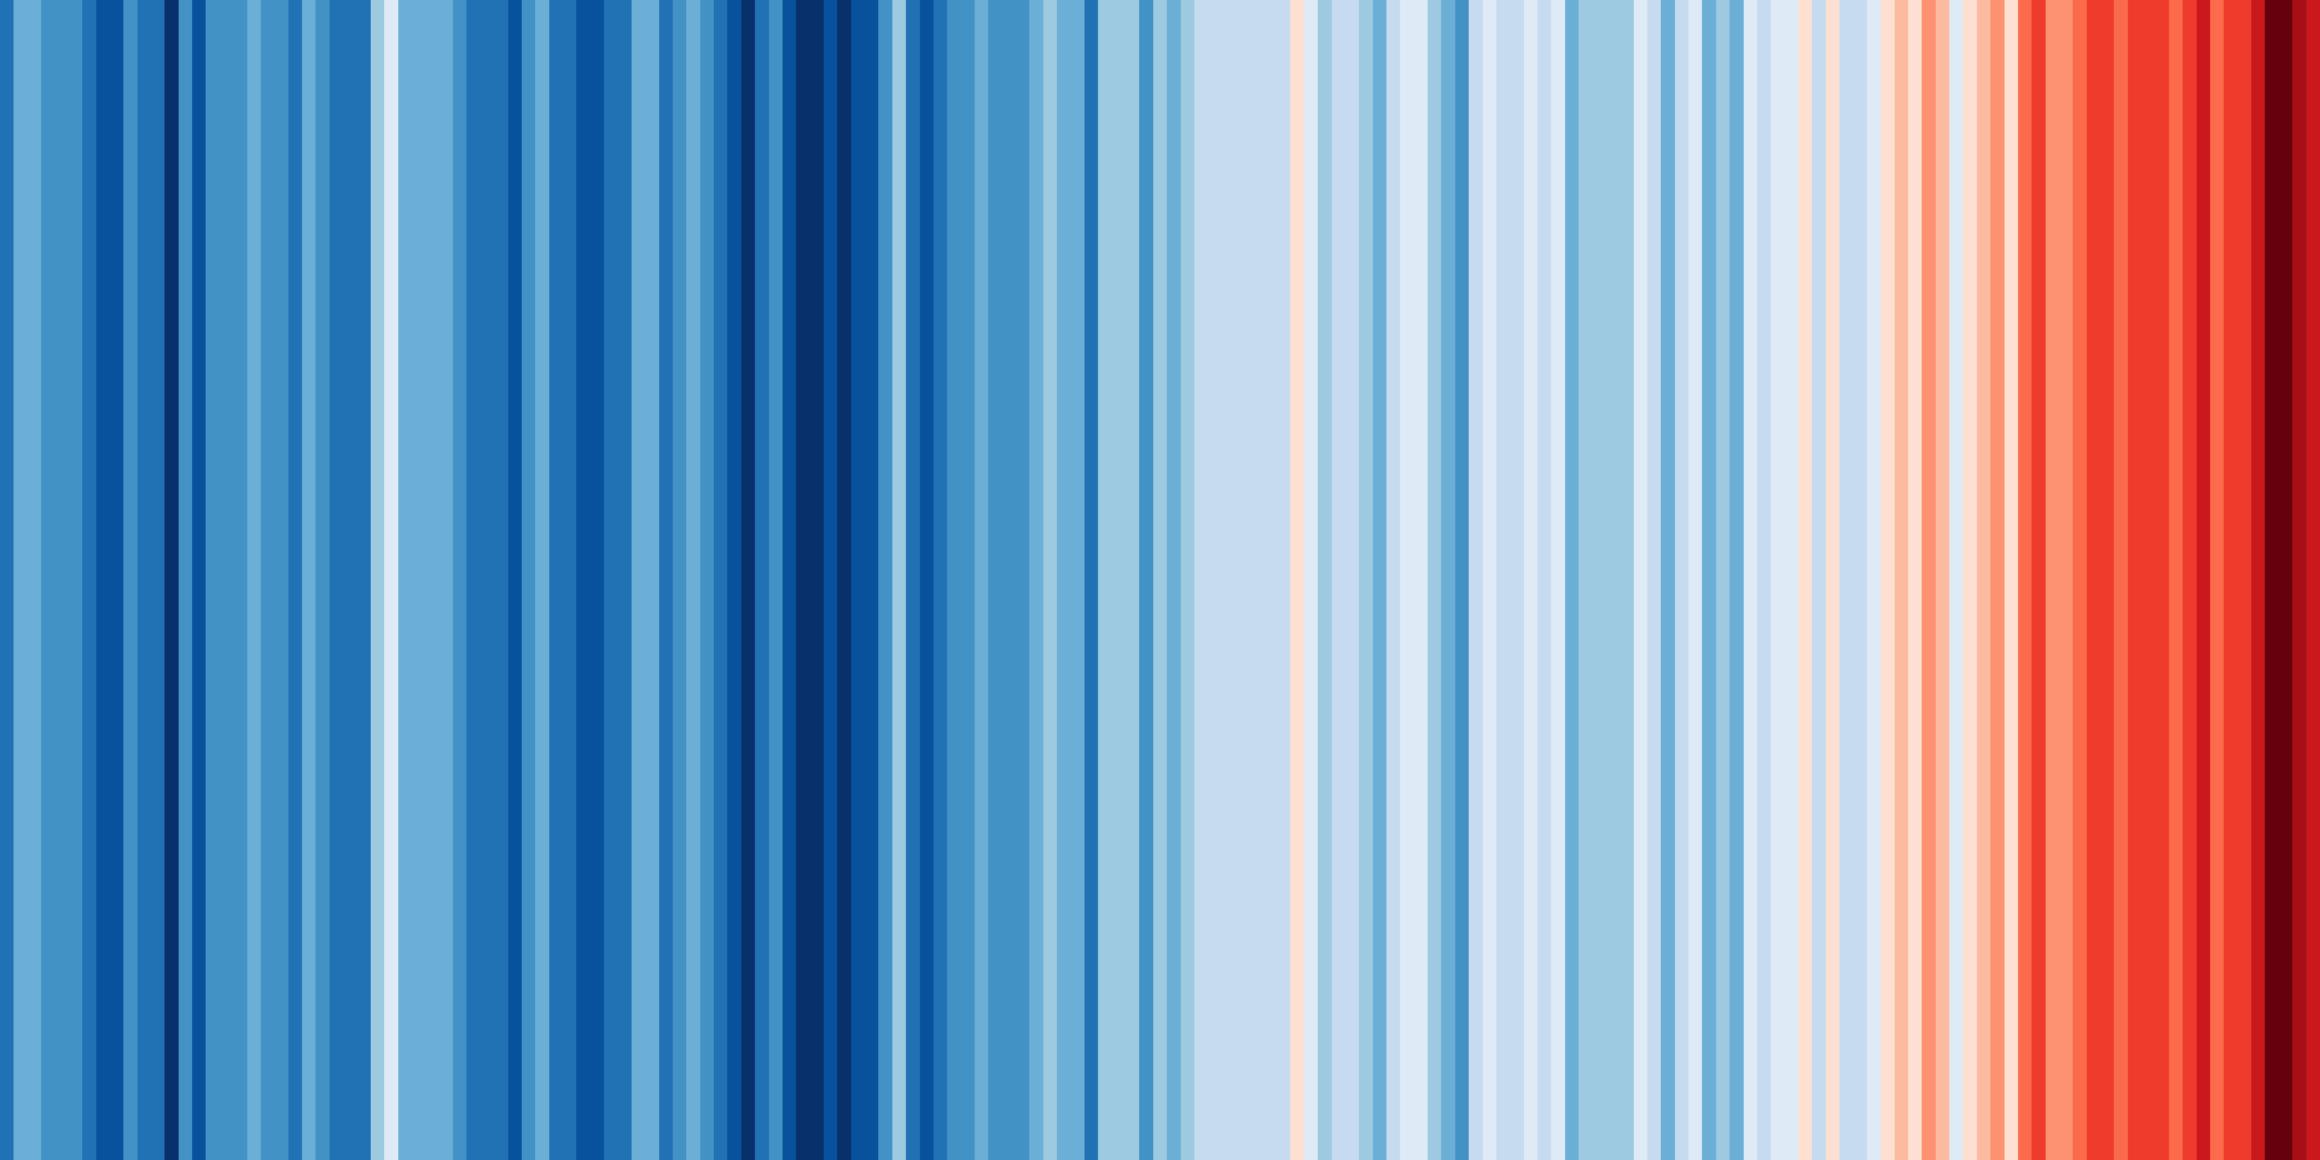 stripes globe 1850 2018 mo - Nová titulka The Economist brilantně shrnuje klimatickou změnu od roku 1850